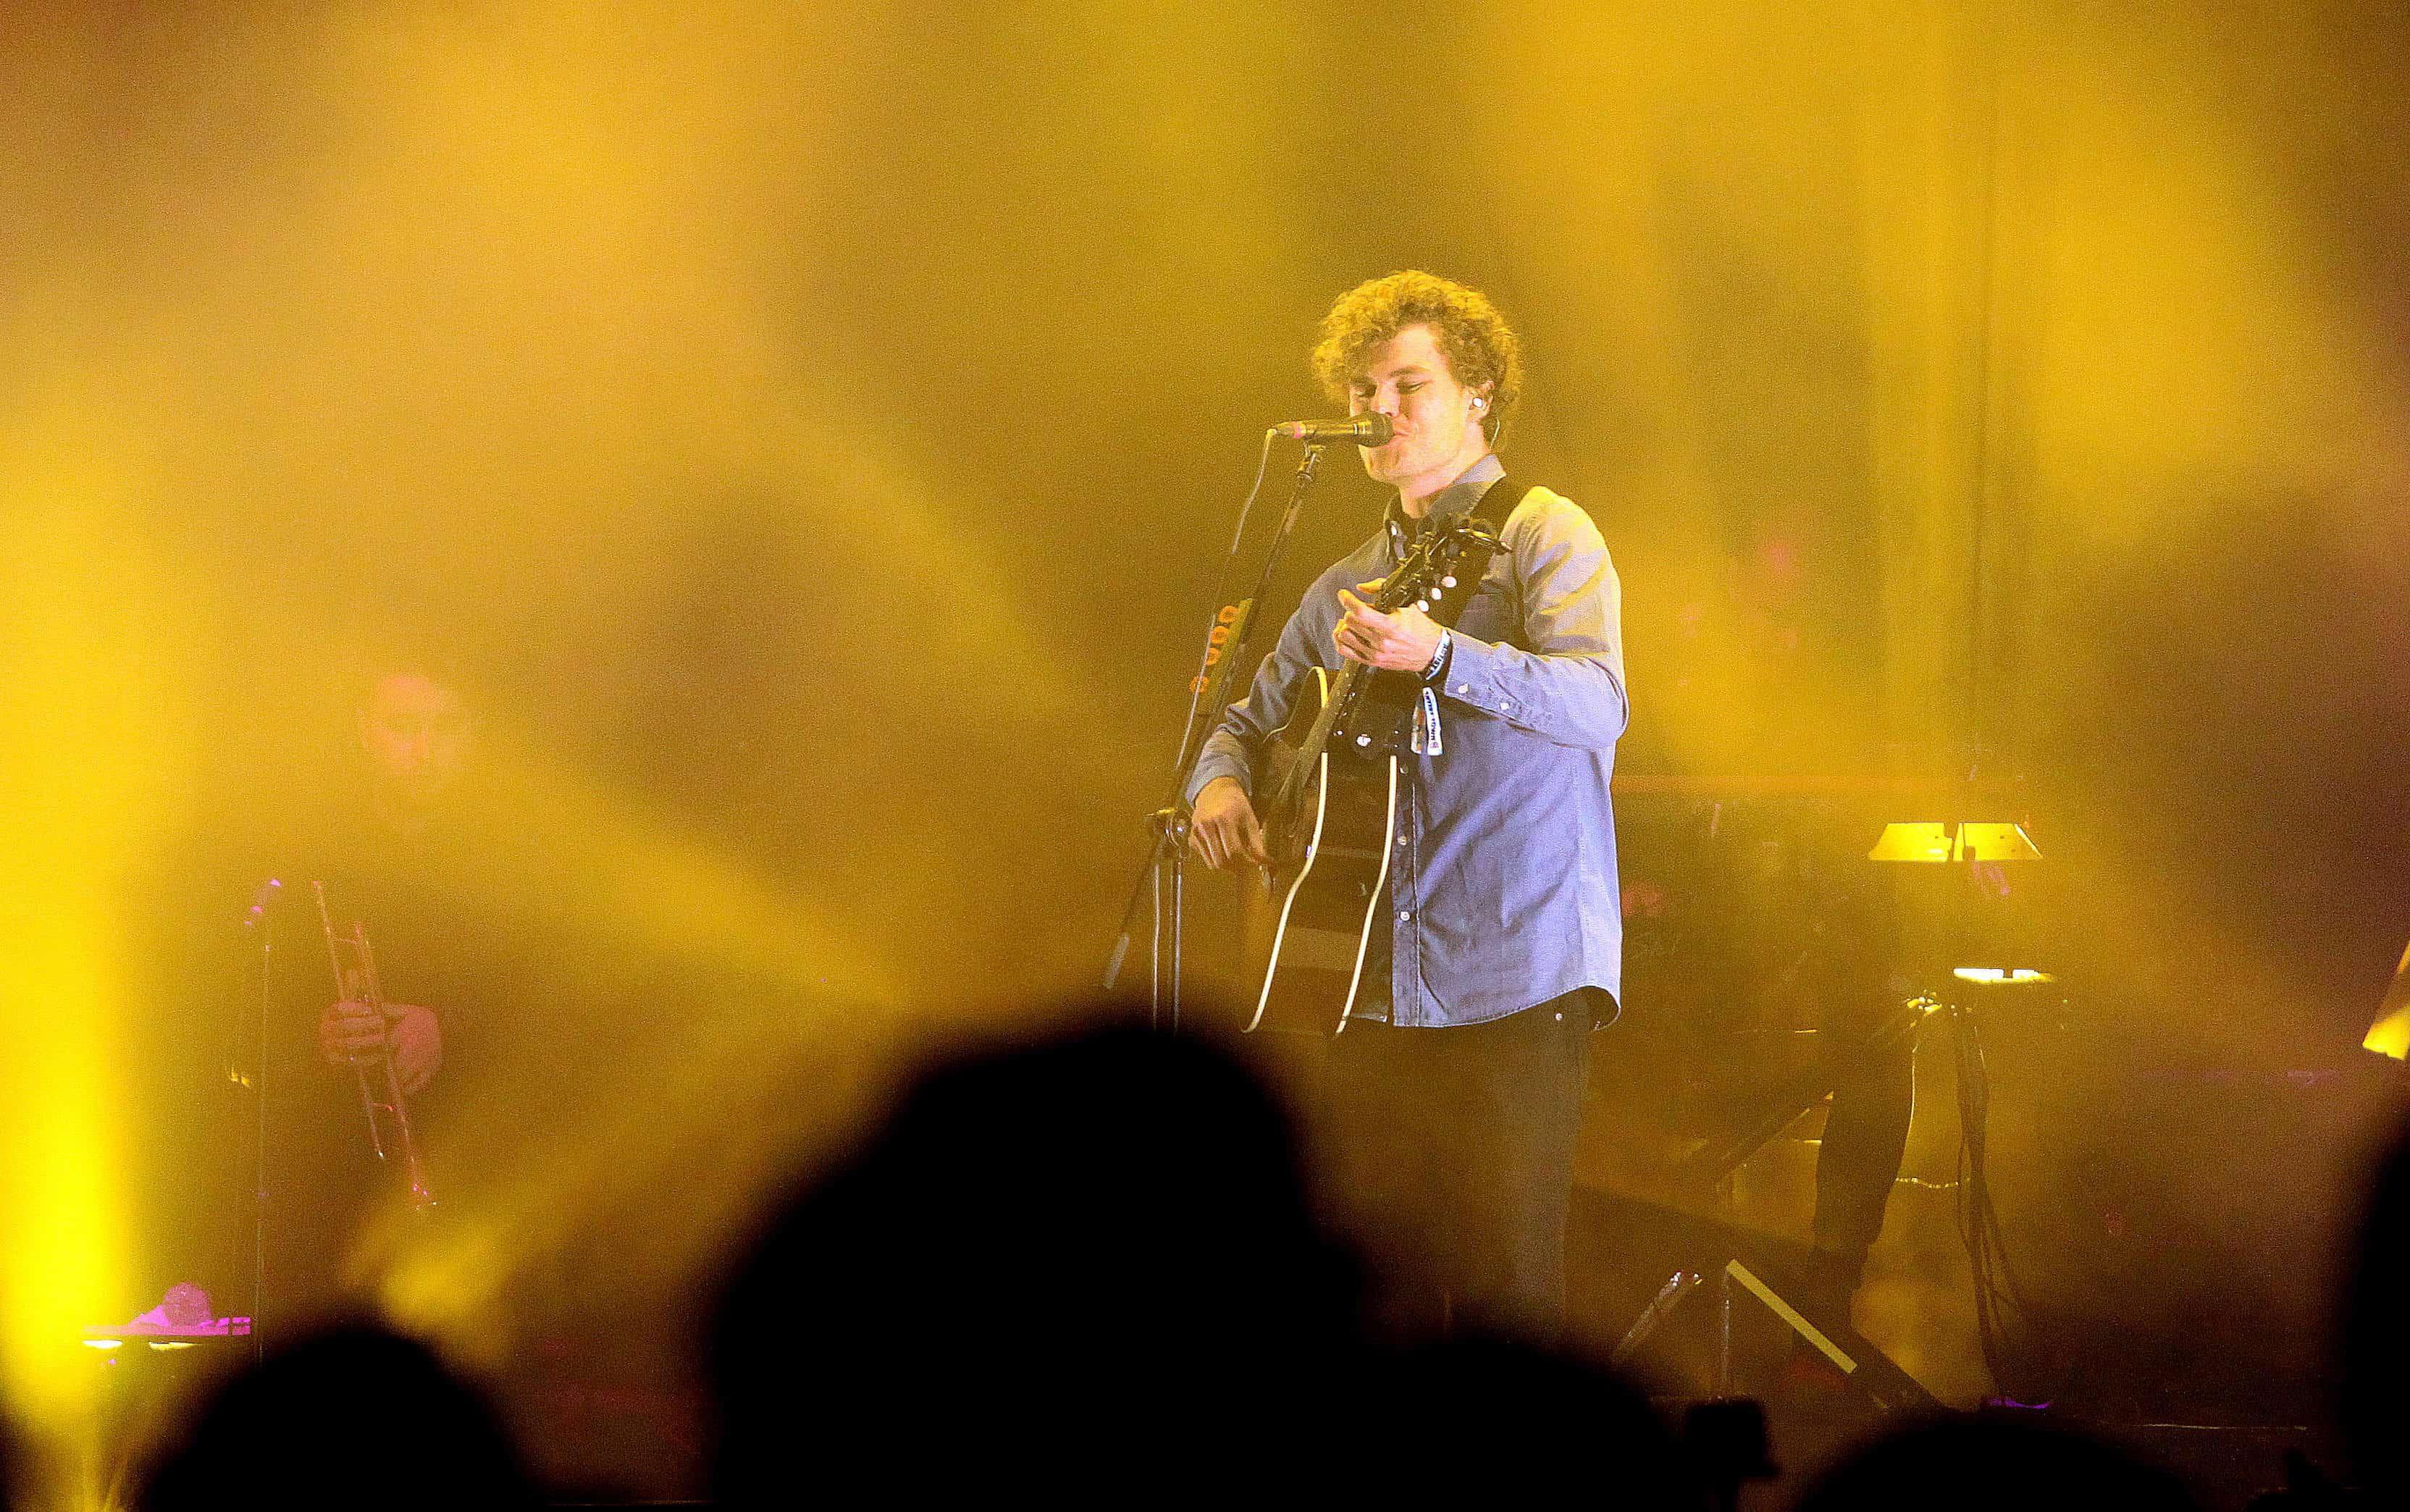 El cantante australiano Vance Joy, durante la segunda jornada del Festival Musical Estéreo Pícnic 2017, en Bogotá